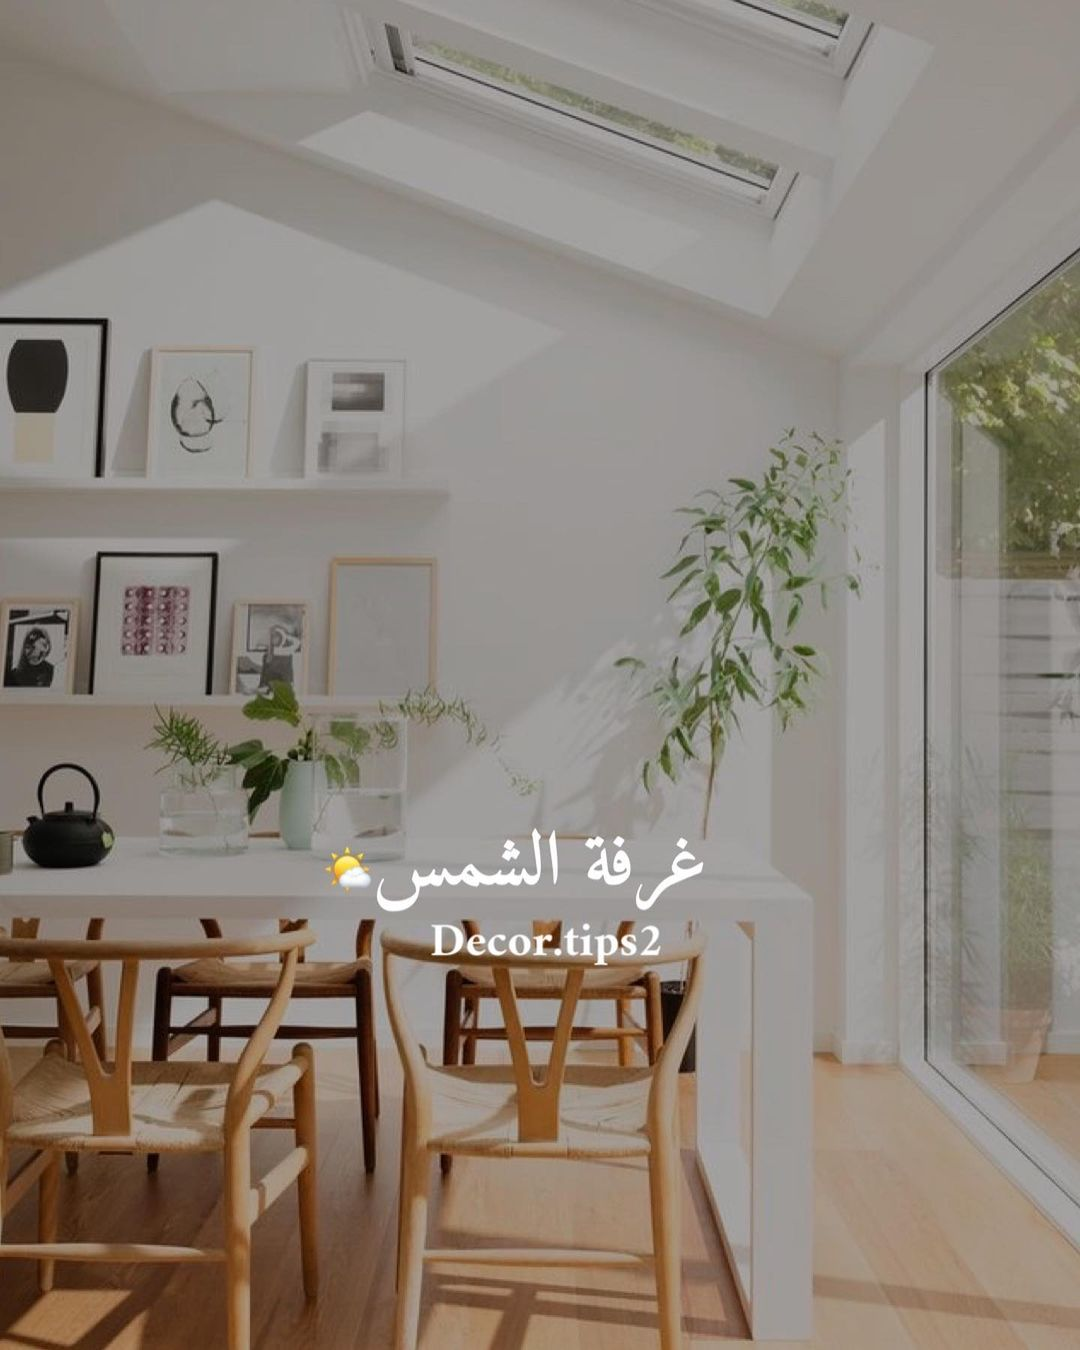 .  ال sunroom او غرفة الشمس هي مصطلح موجود فعليا ف بعض البيوت وهي الغرفة او الم…